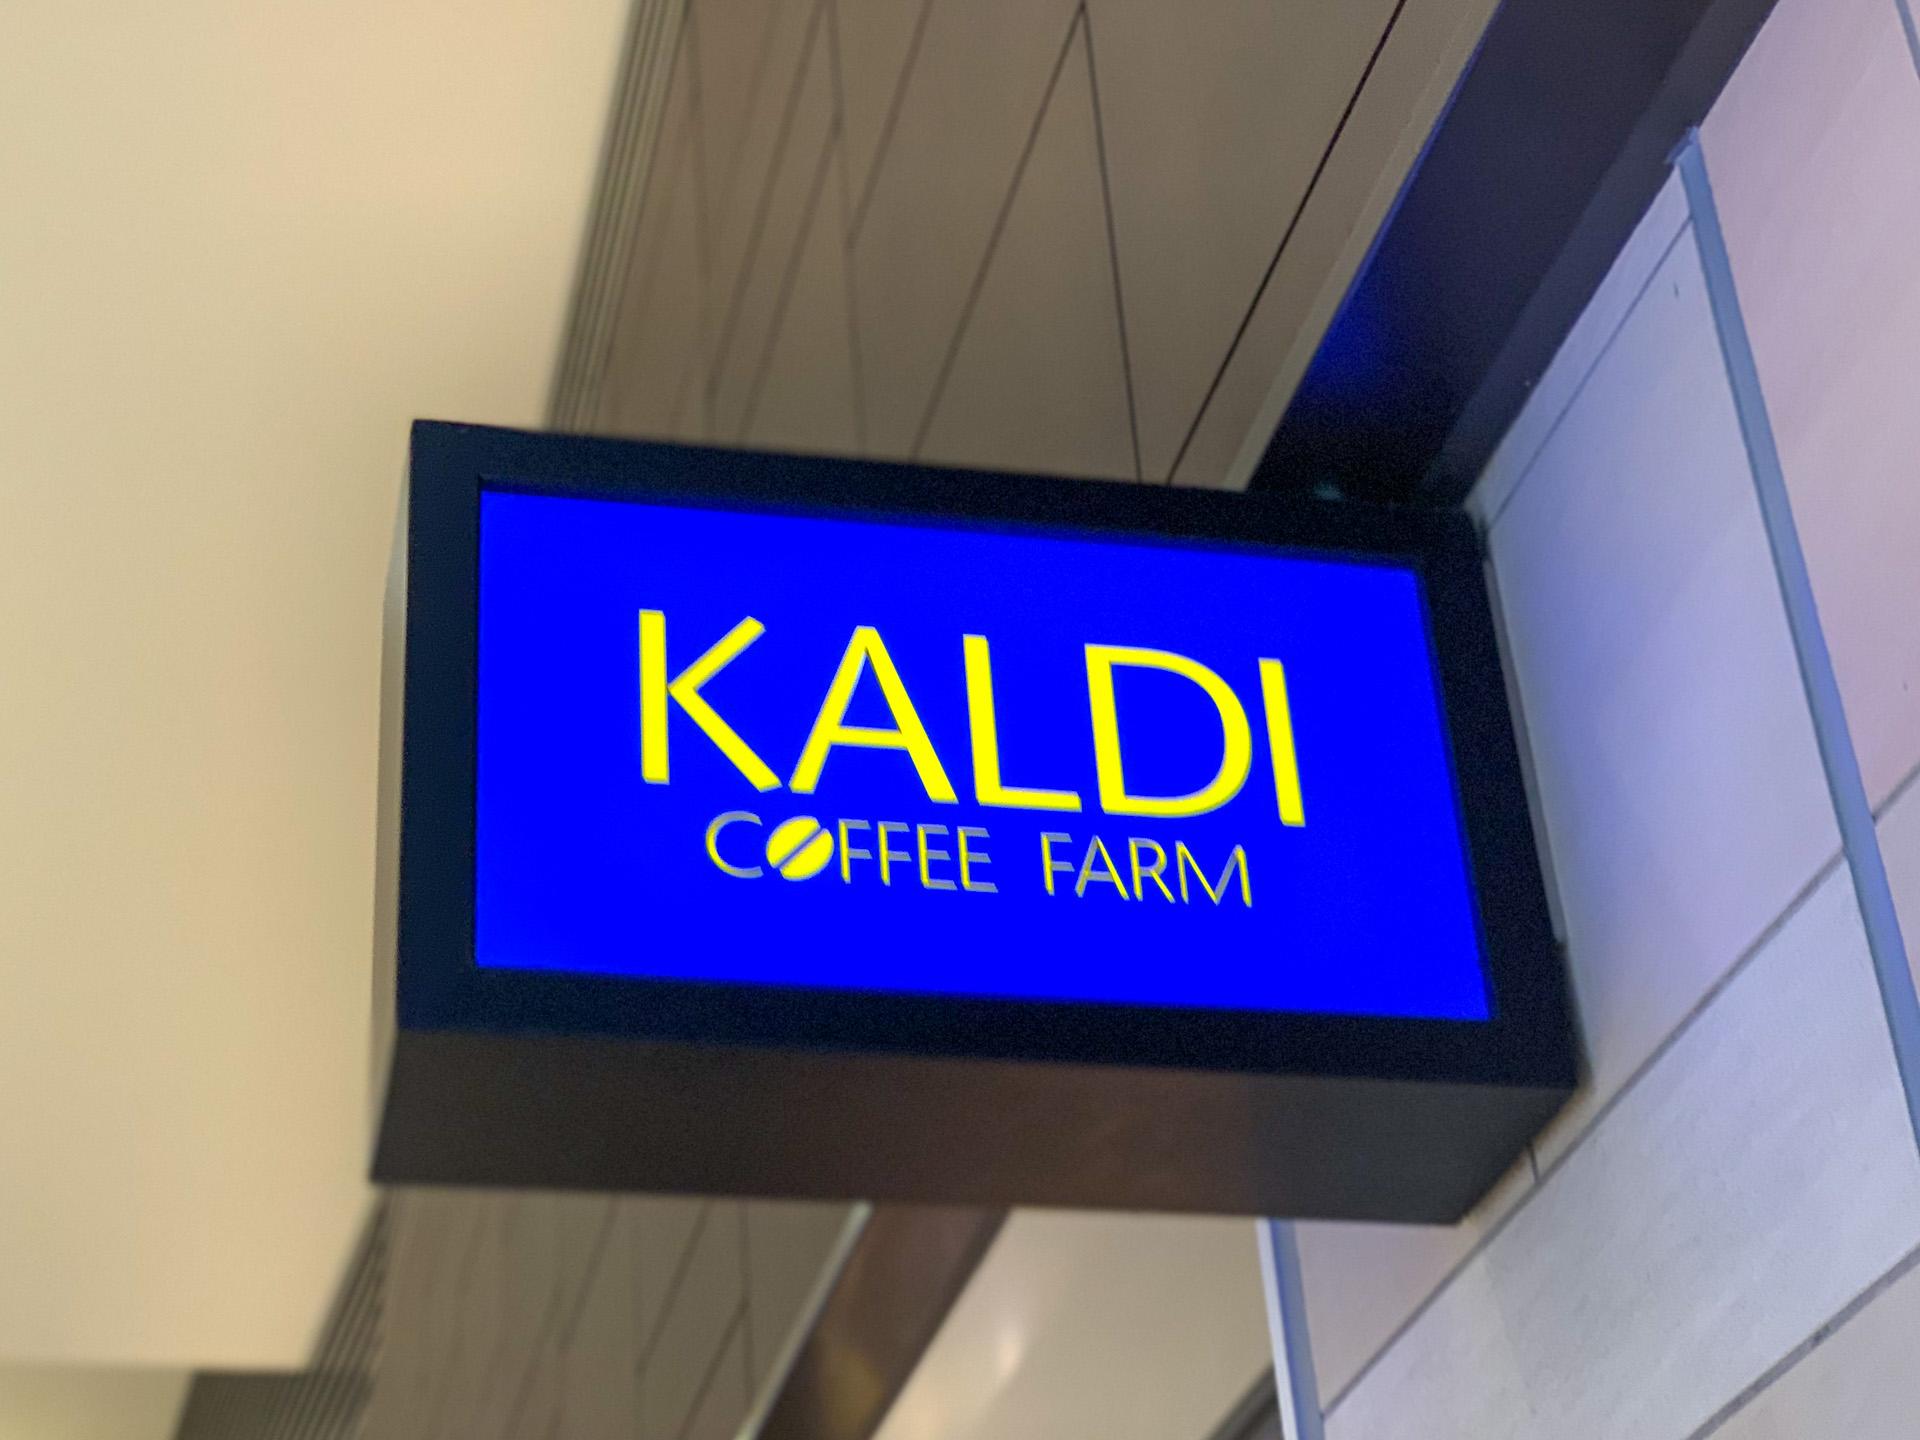 カルディ公式インスタで人気商品をチェック!新商品やお得情報も!